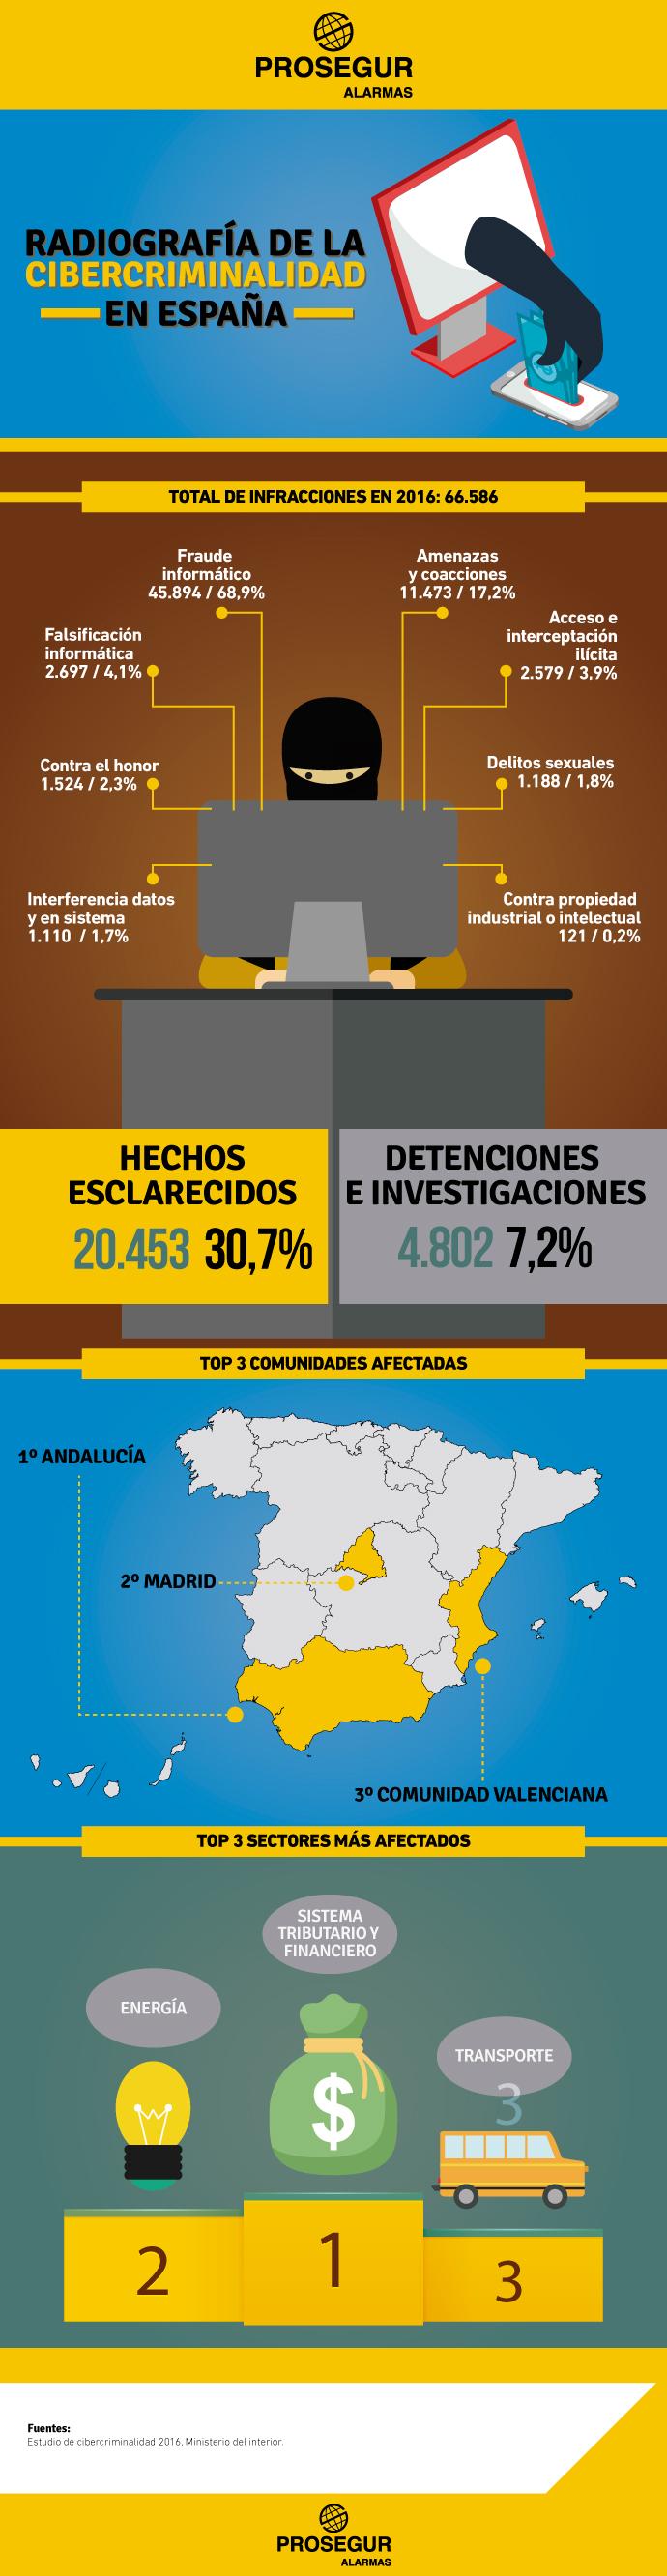 Datos de cibercriminalidad España - Blog Prosegur.